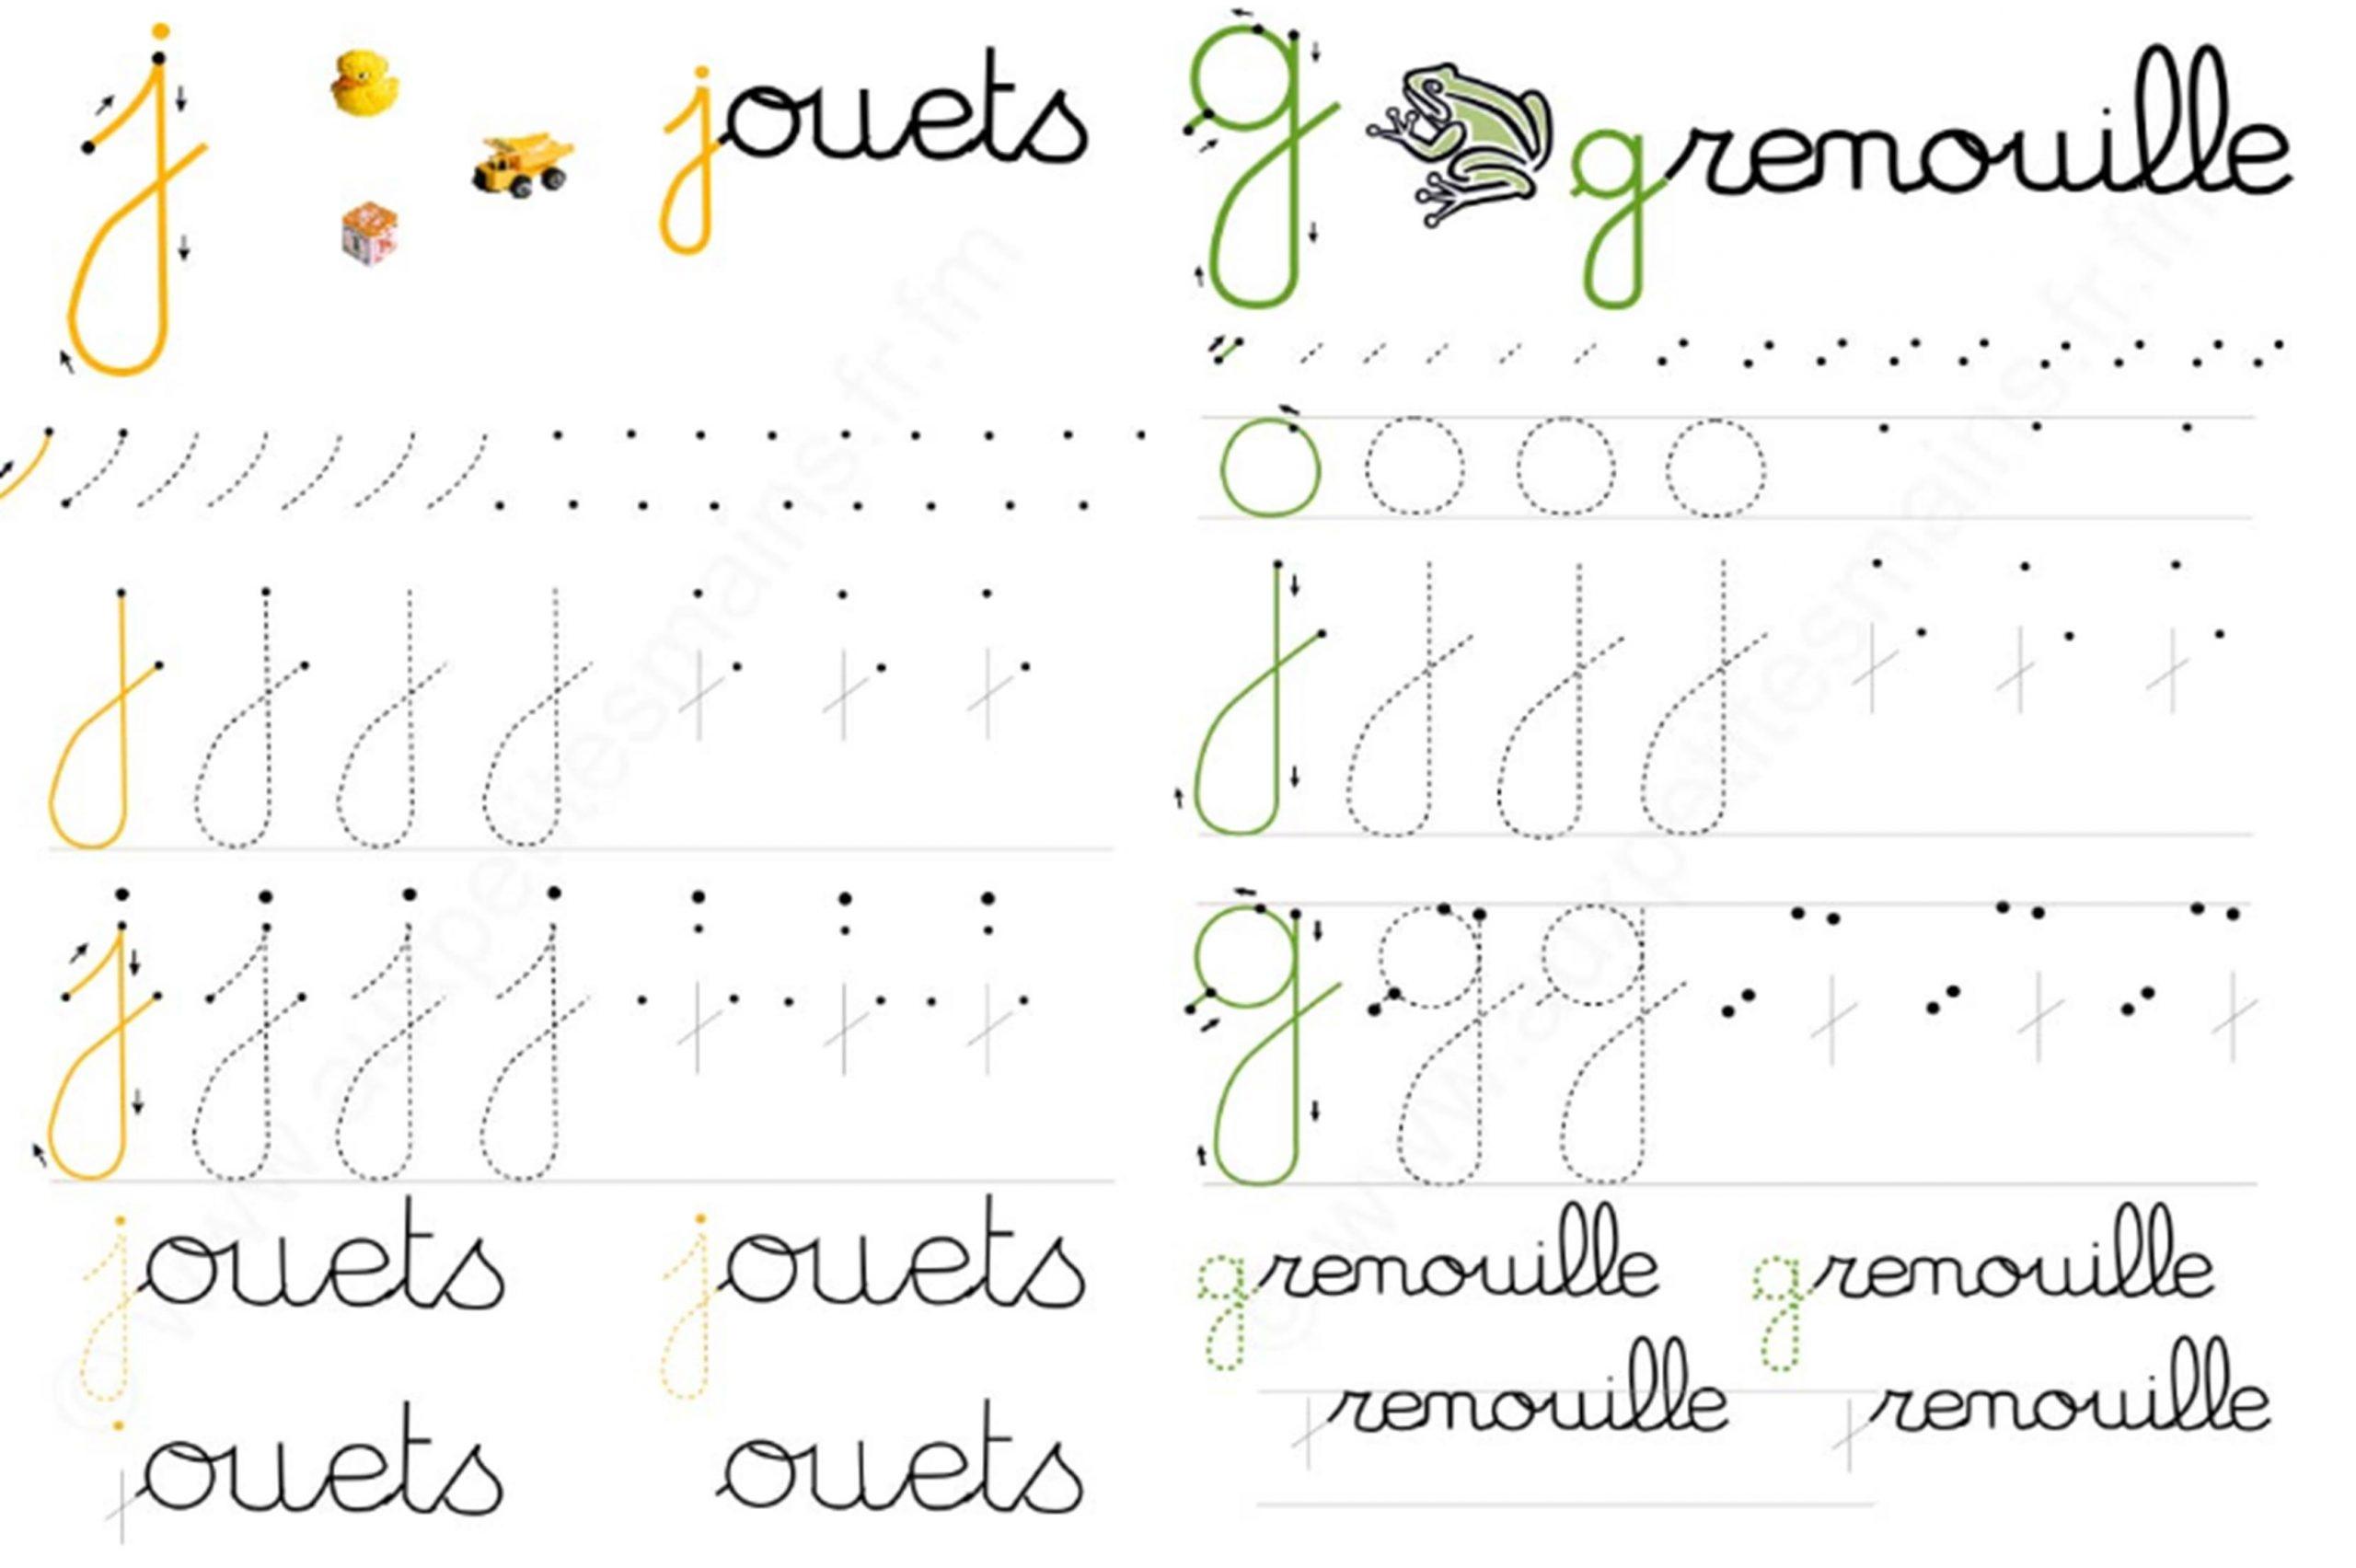 Fichier D'écriture Grande Section | Le Blog De Monsieur Mathieu dedans Exercices Maternelle Grande Section En Ligne Gratuit